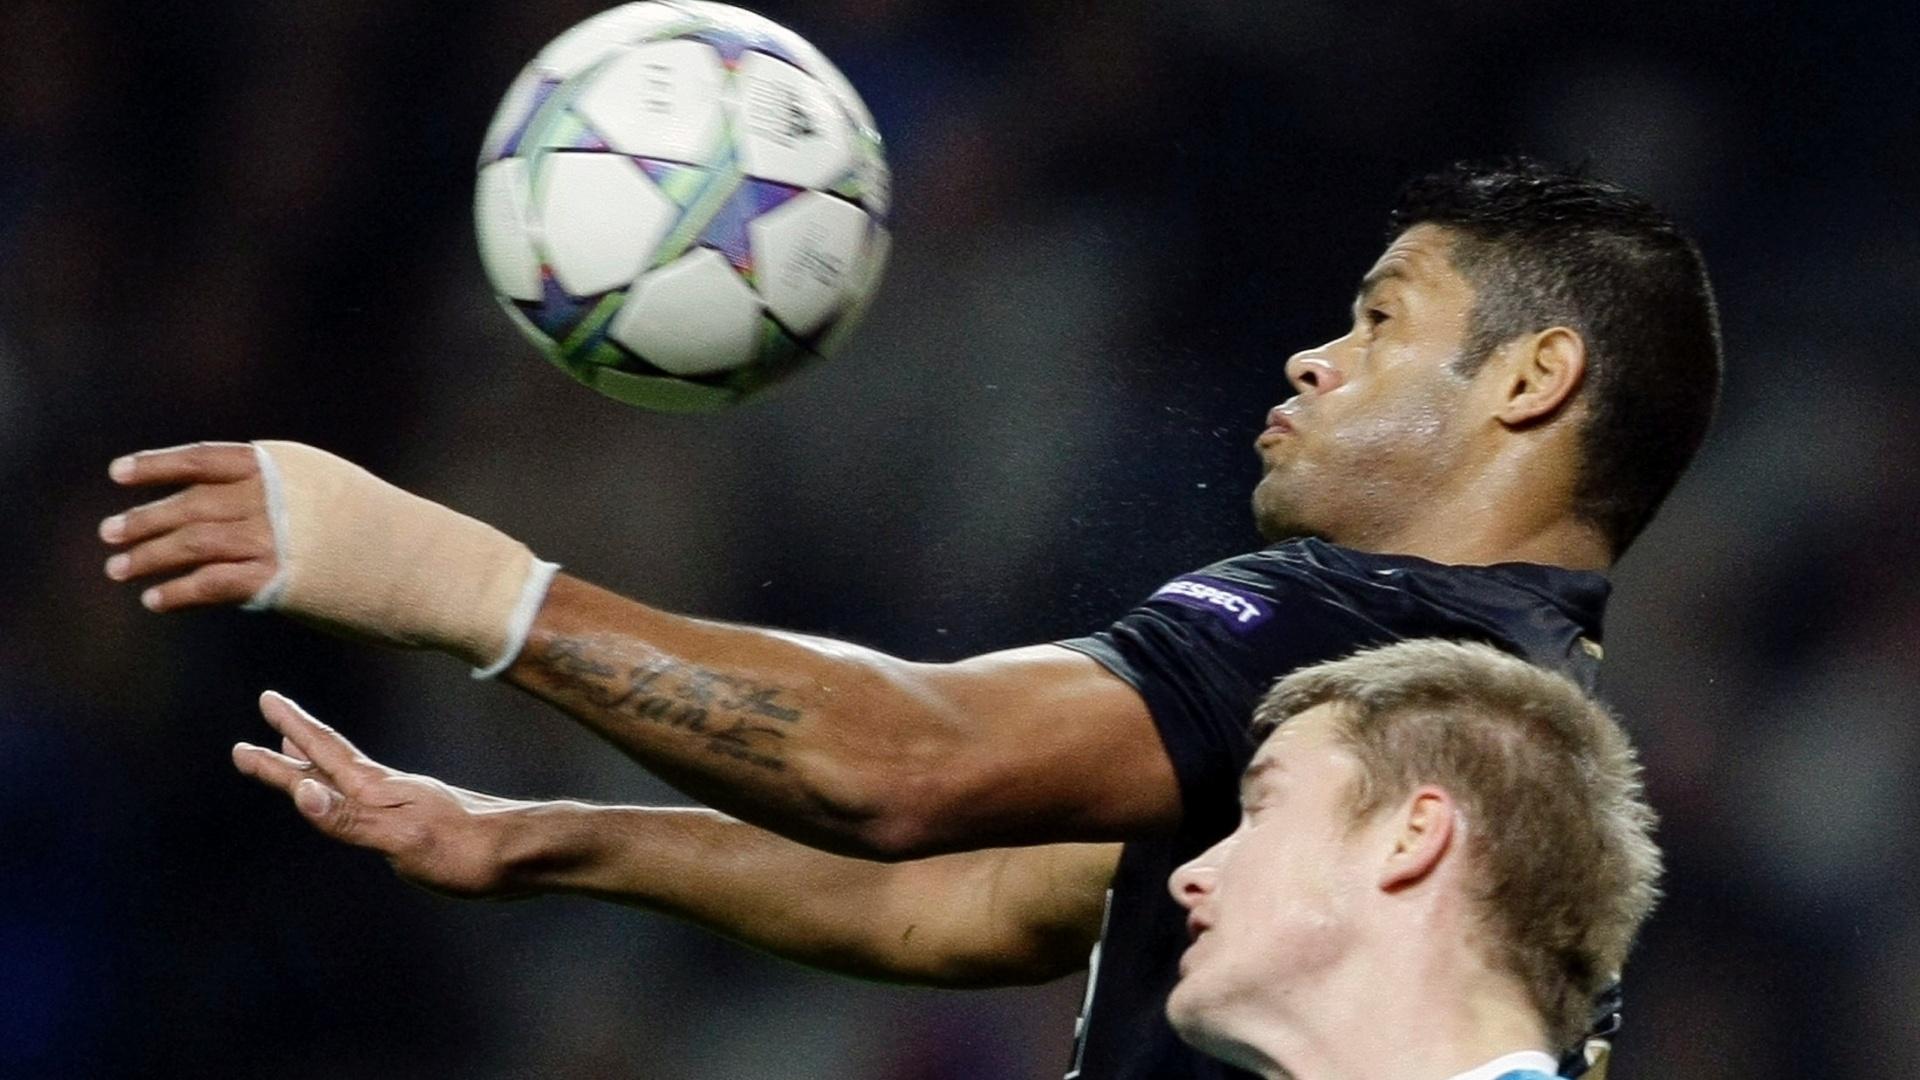 Atacante Hulk, do Porto, leva vantagem pelo alto contra a marcação do Zenit